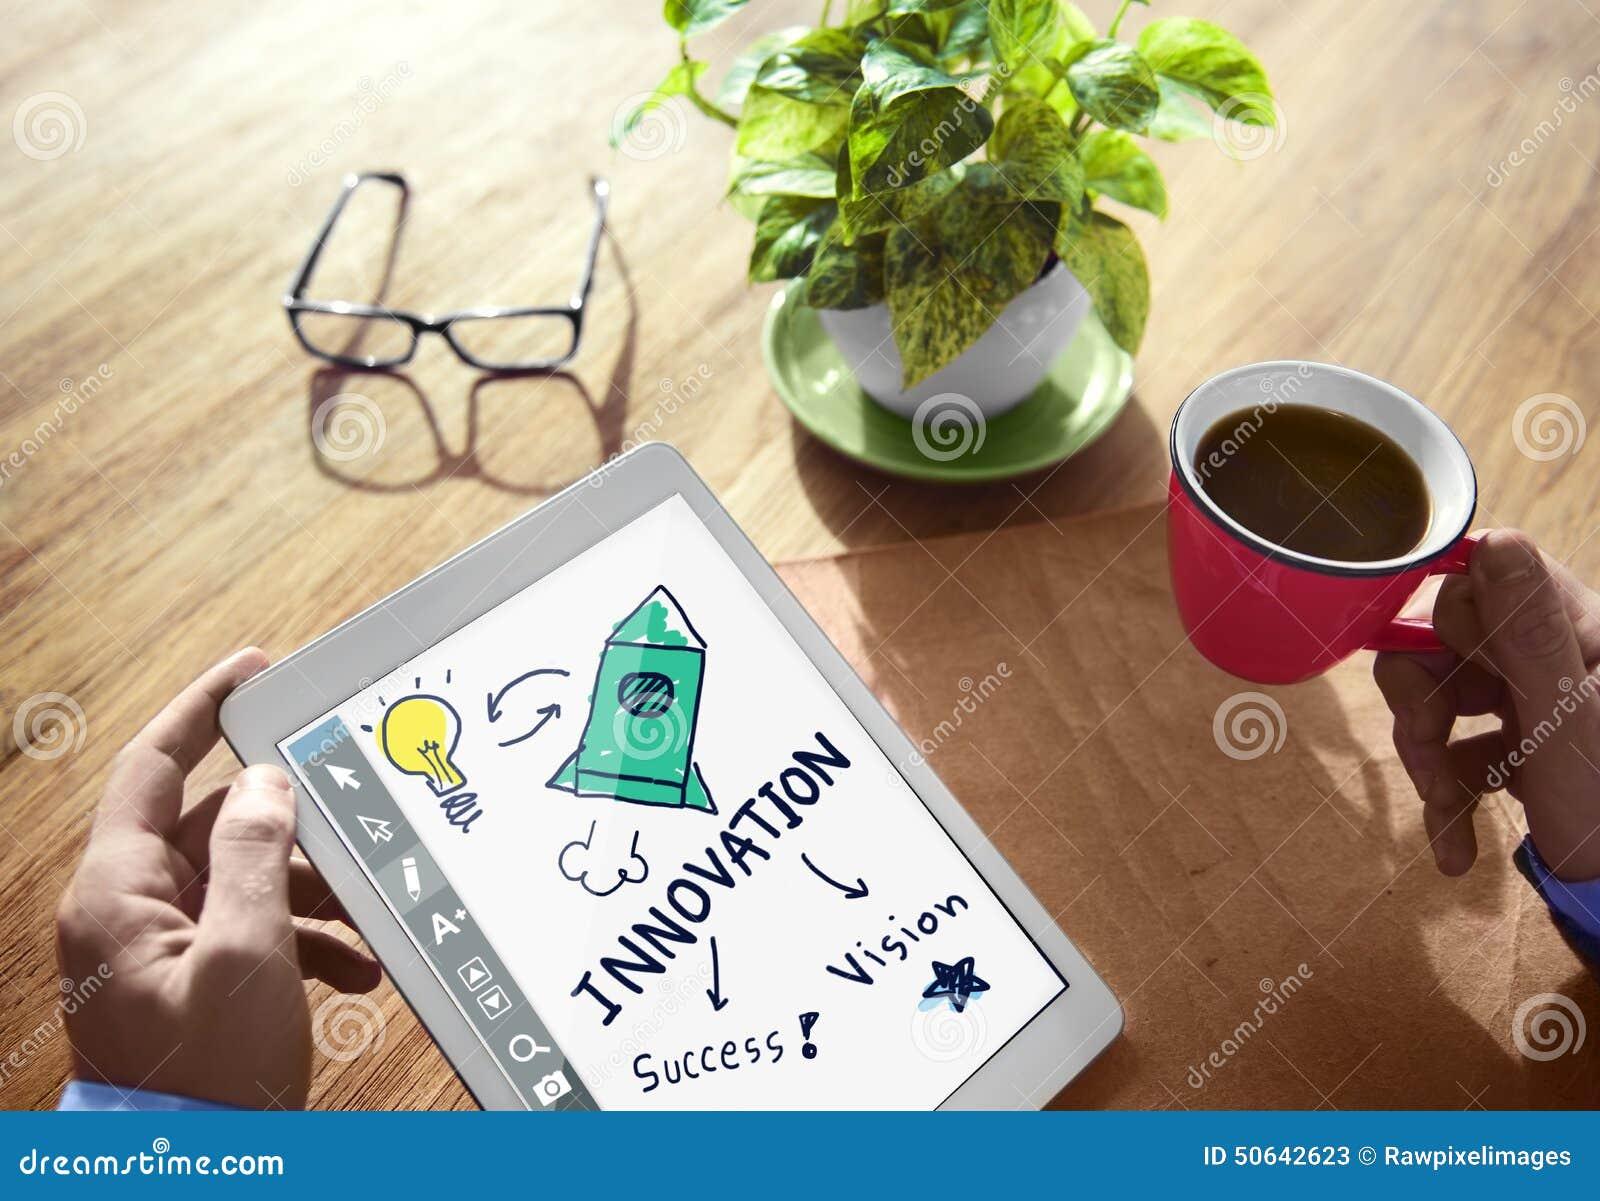 创新成功视觉电灯泡成长开始概念